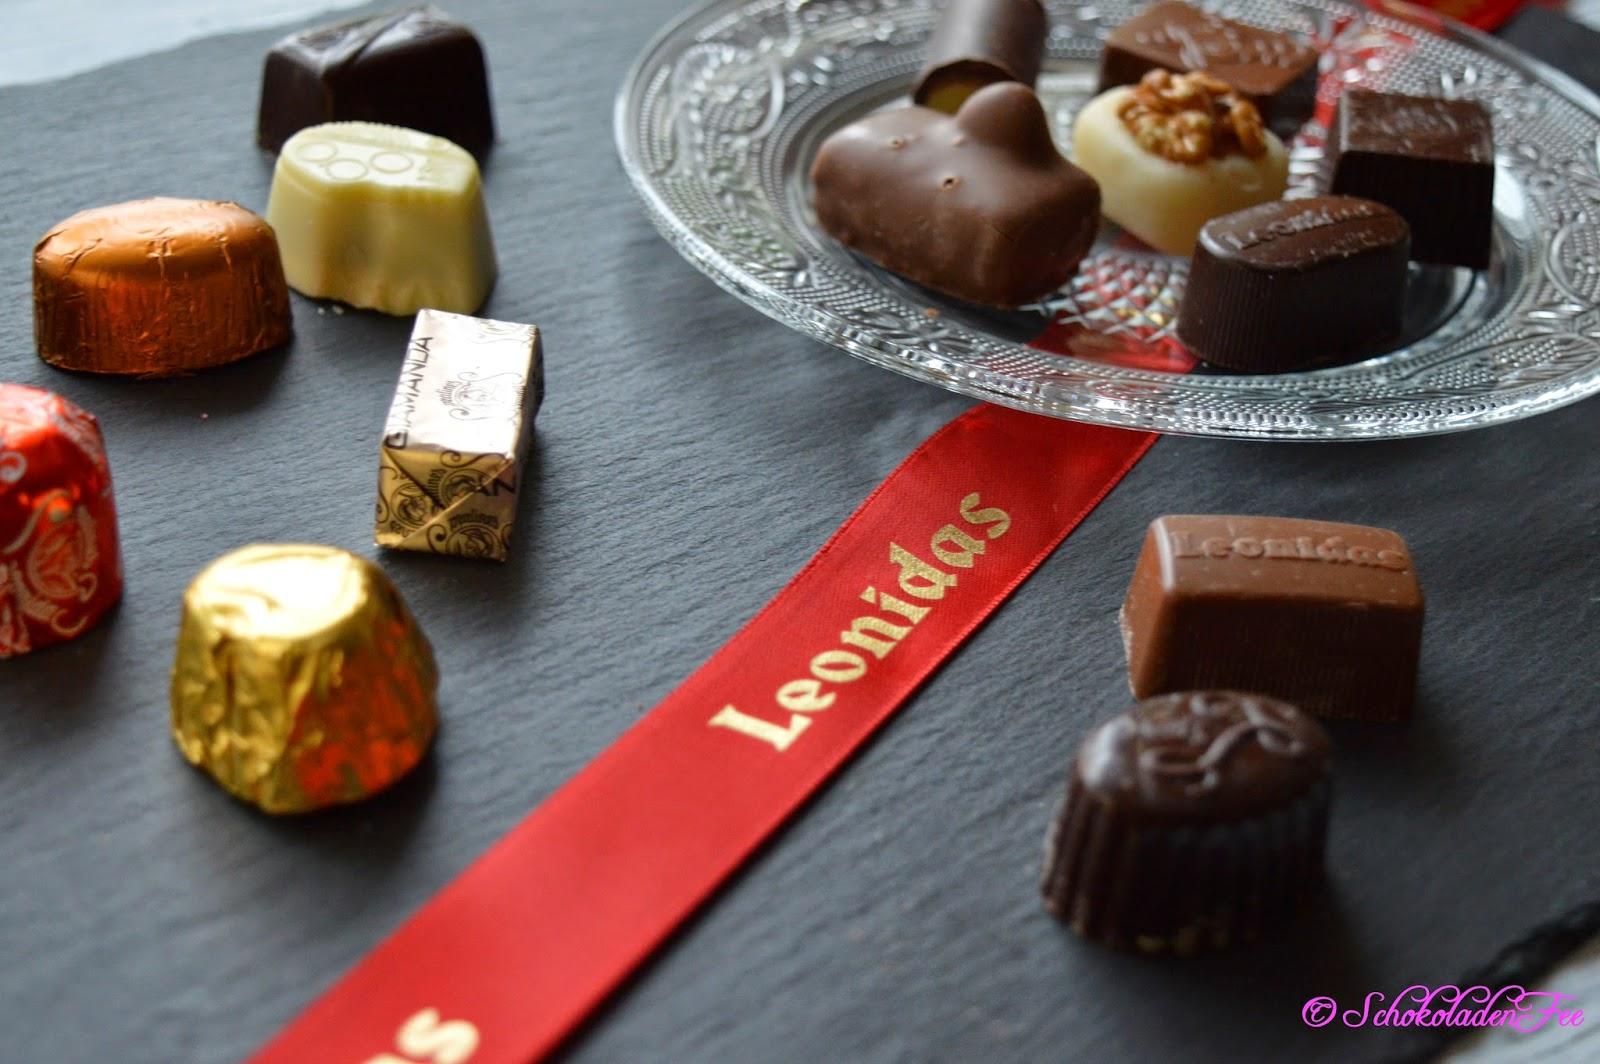 http://schokoladen-fee.blogspot.de/2014/12/produkttest-pralinen-von-leonidas.html